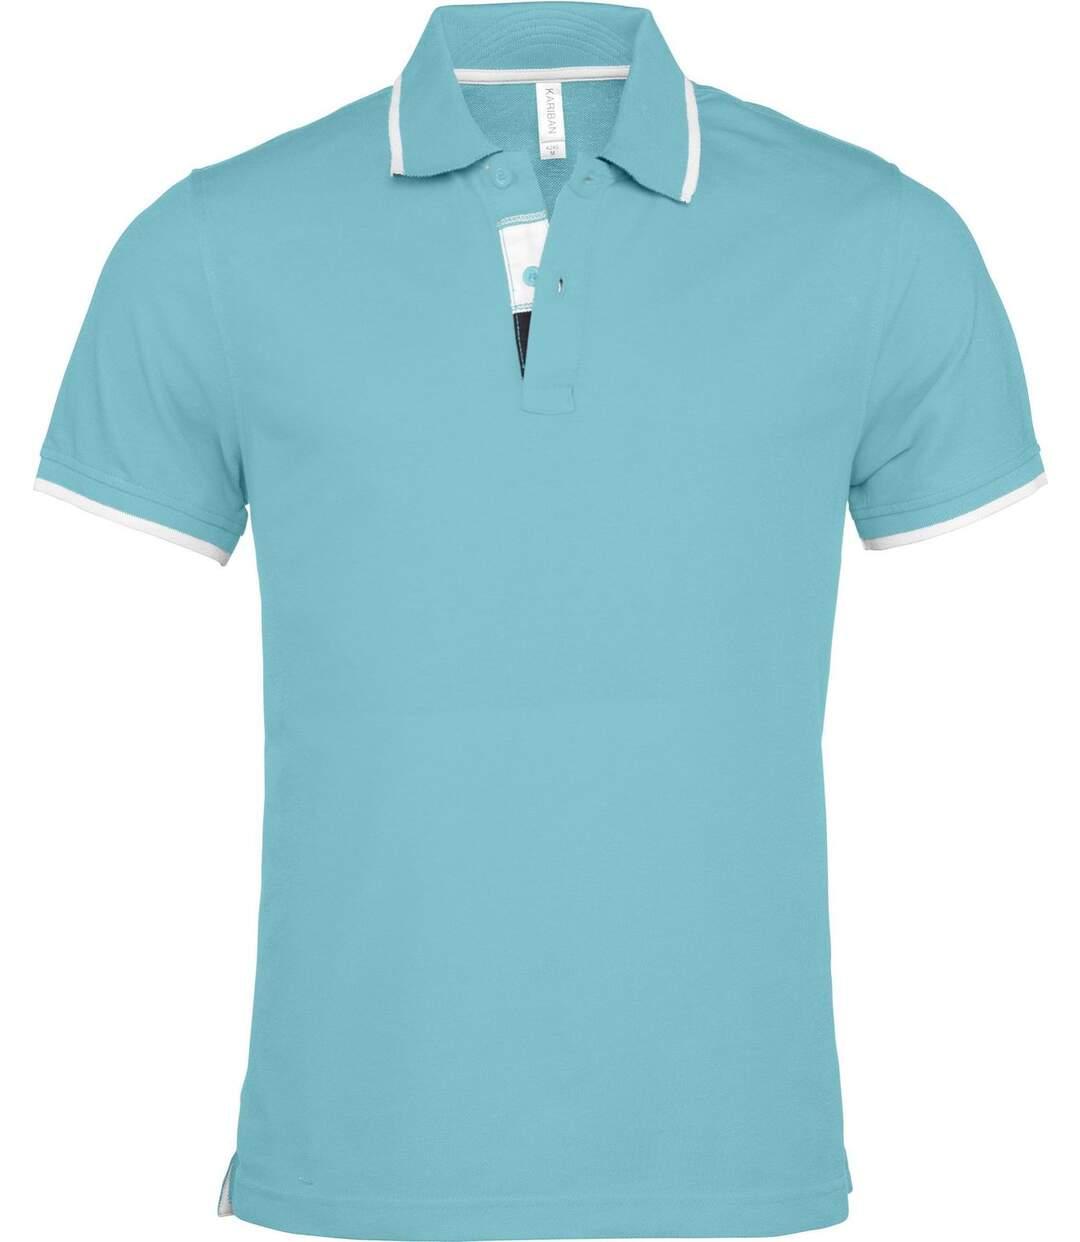 Polo homme inserts contrastés - manches courtes - K245 - bleu turquoise